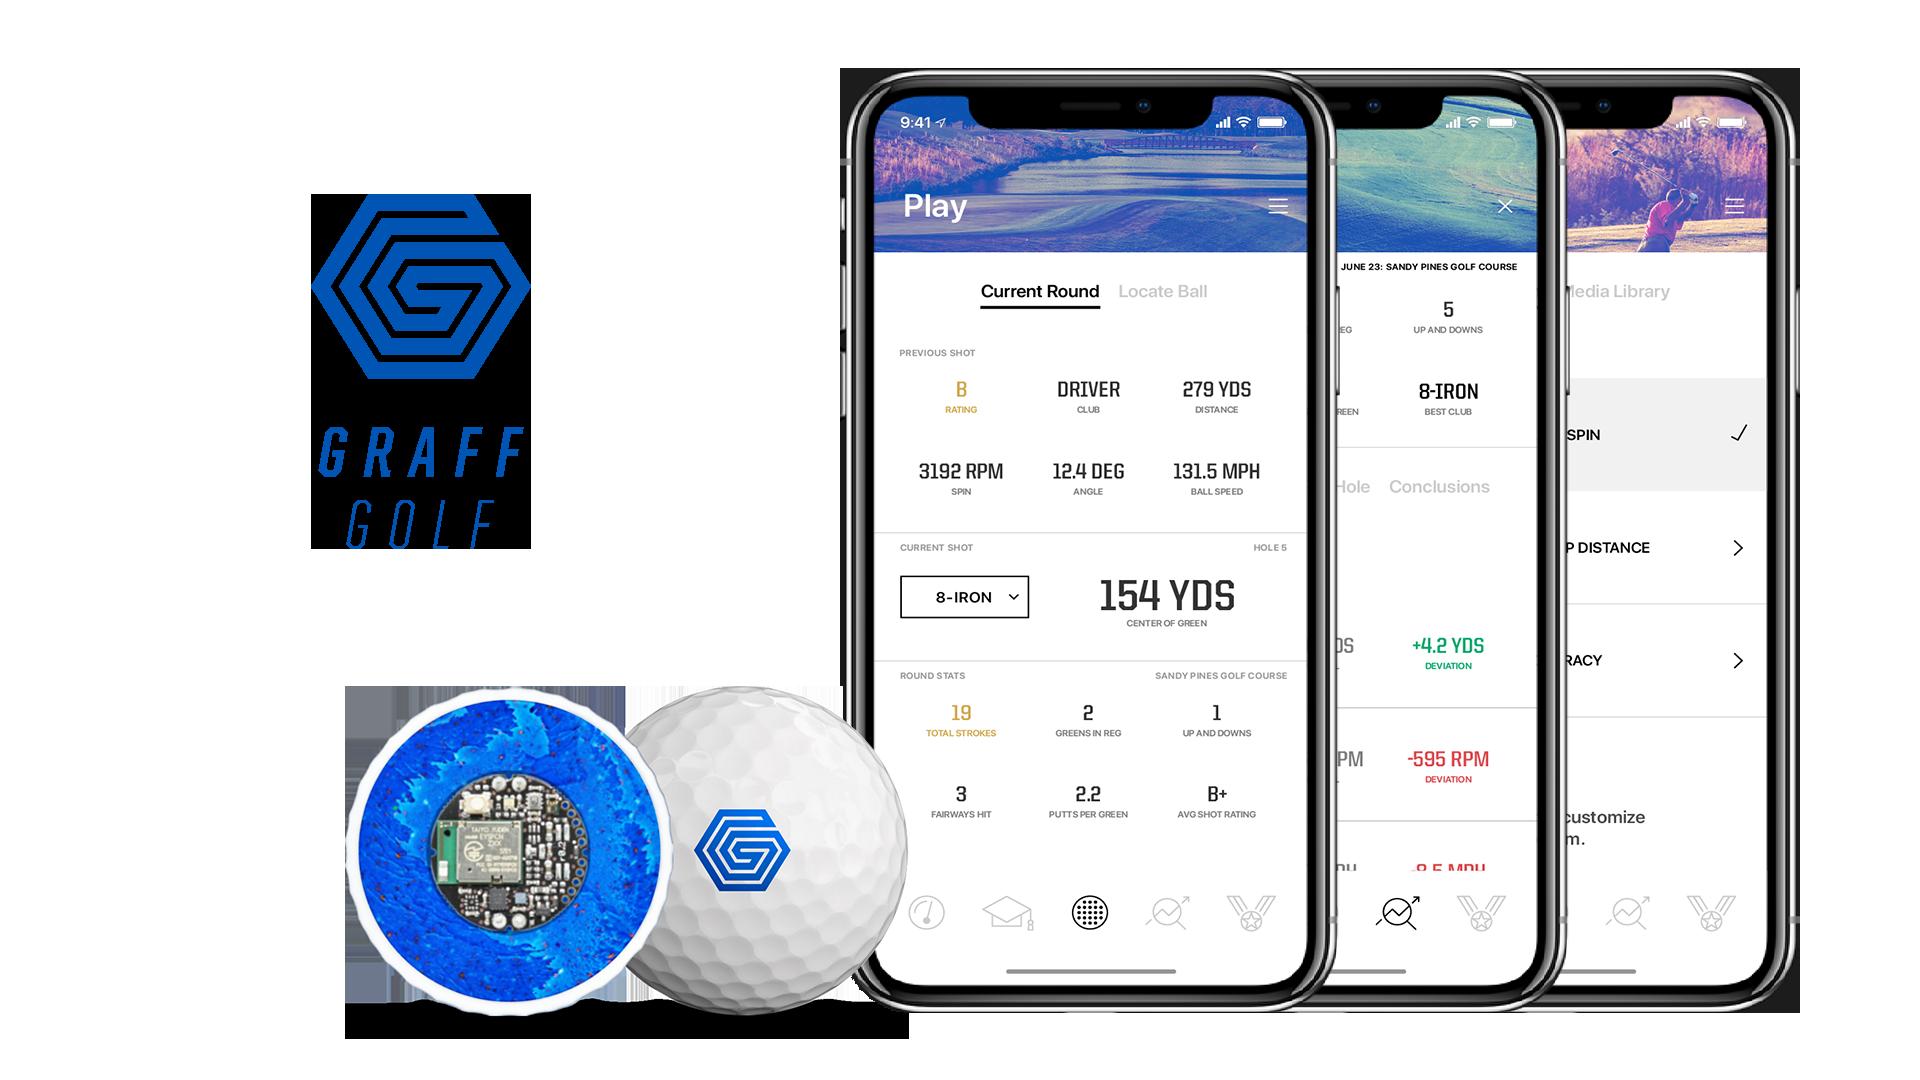 graff golf smart ball